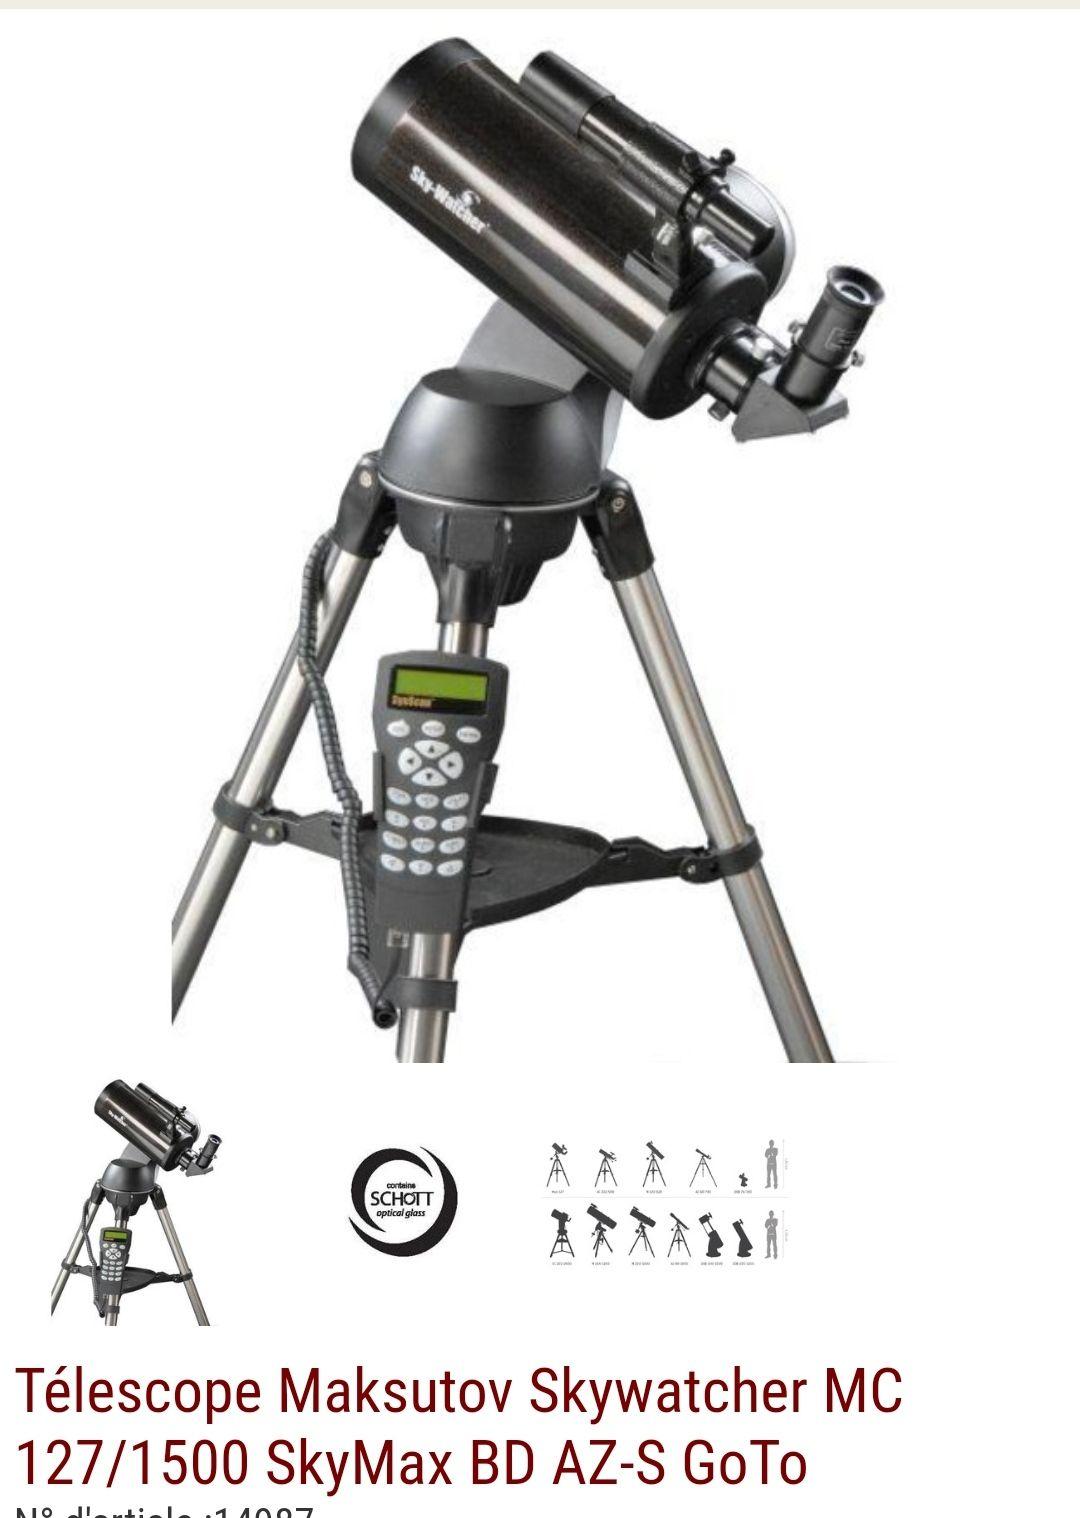 Télescope Maksutov Skywatcher - MC 127/1500, SkyMax BD, AZ-S GoTo (astroshop.de)